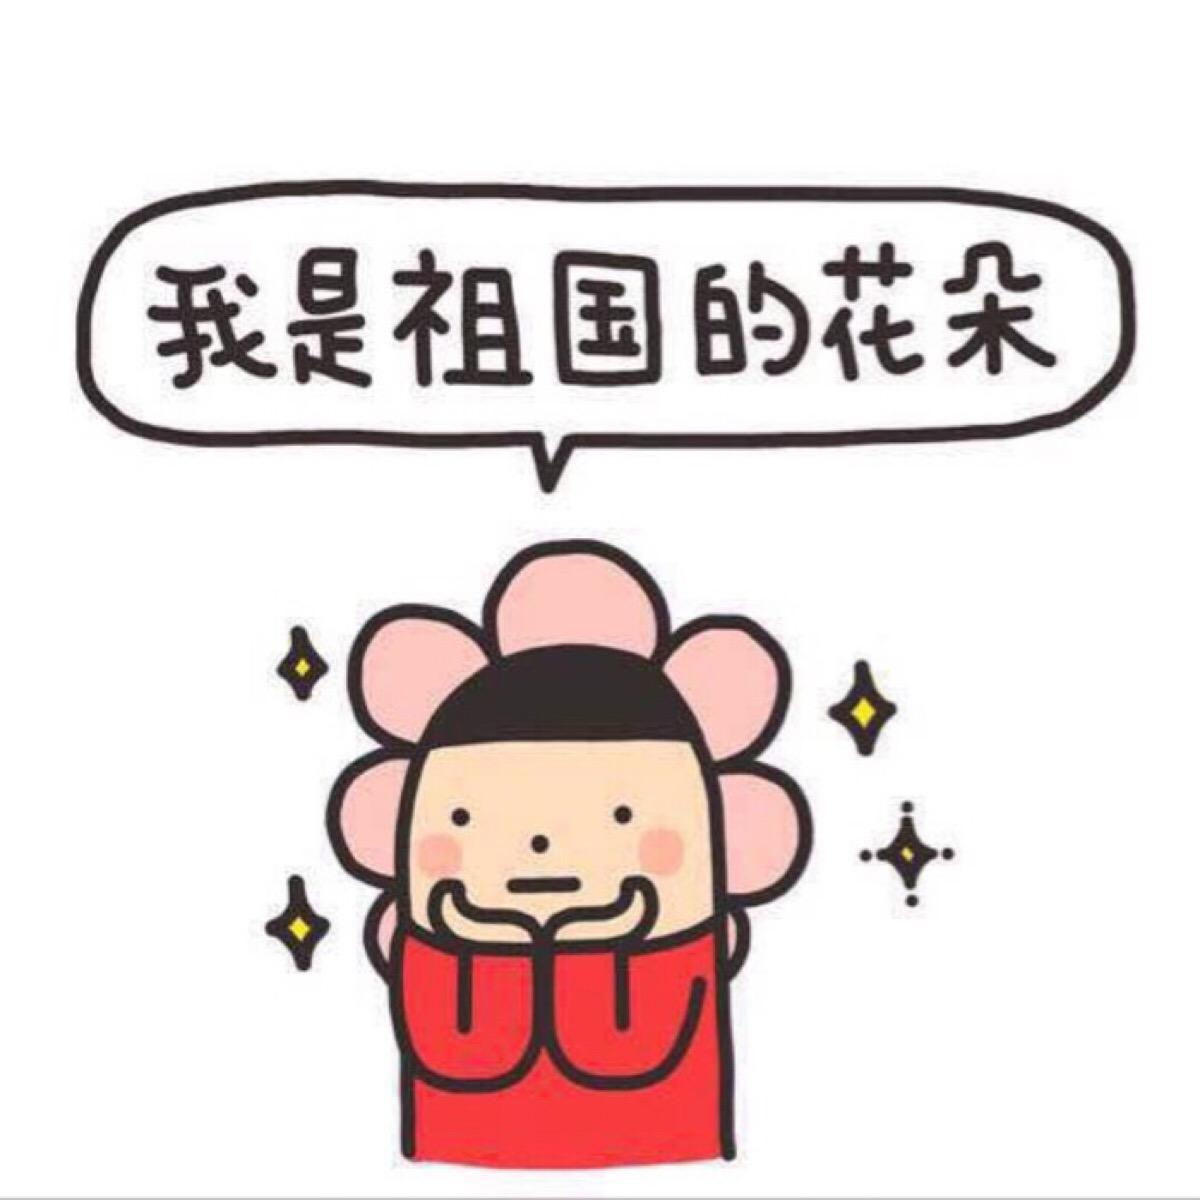 王俊凯:想睡觉.